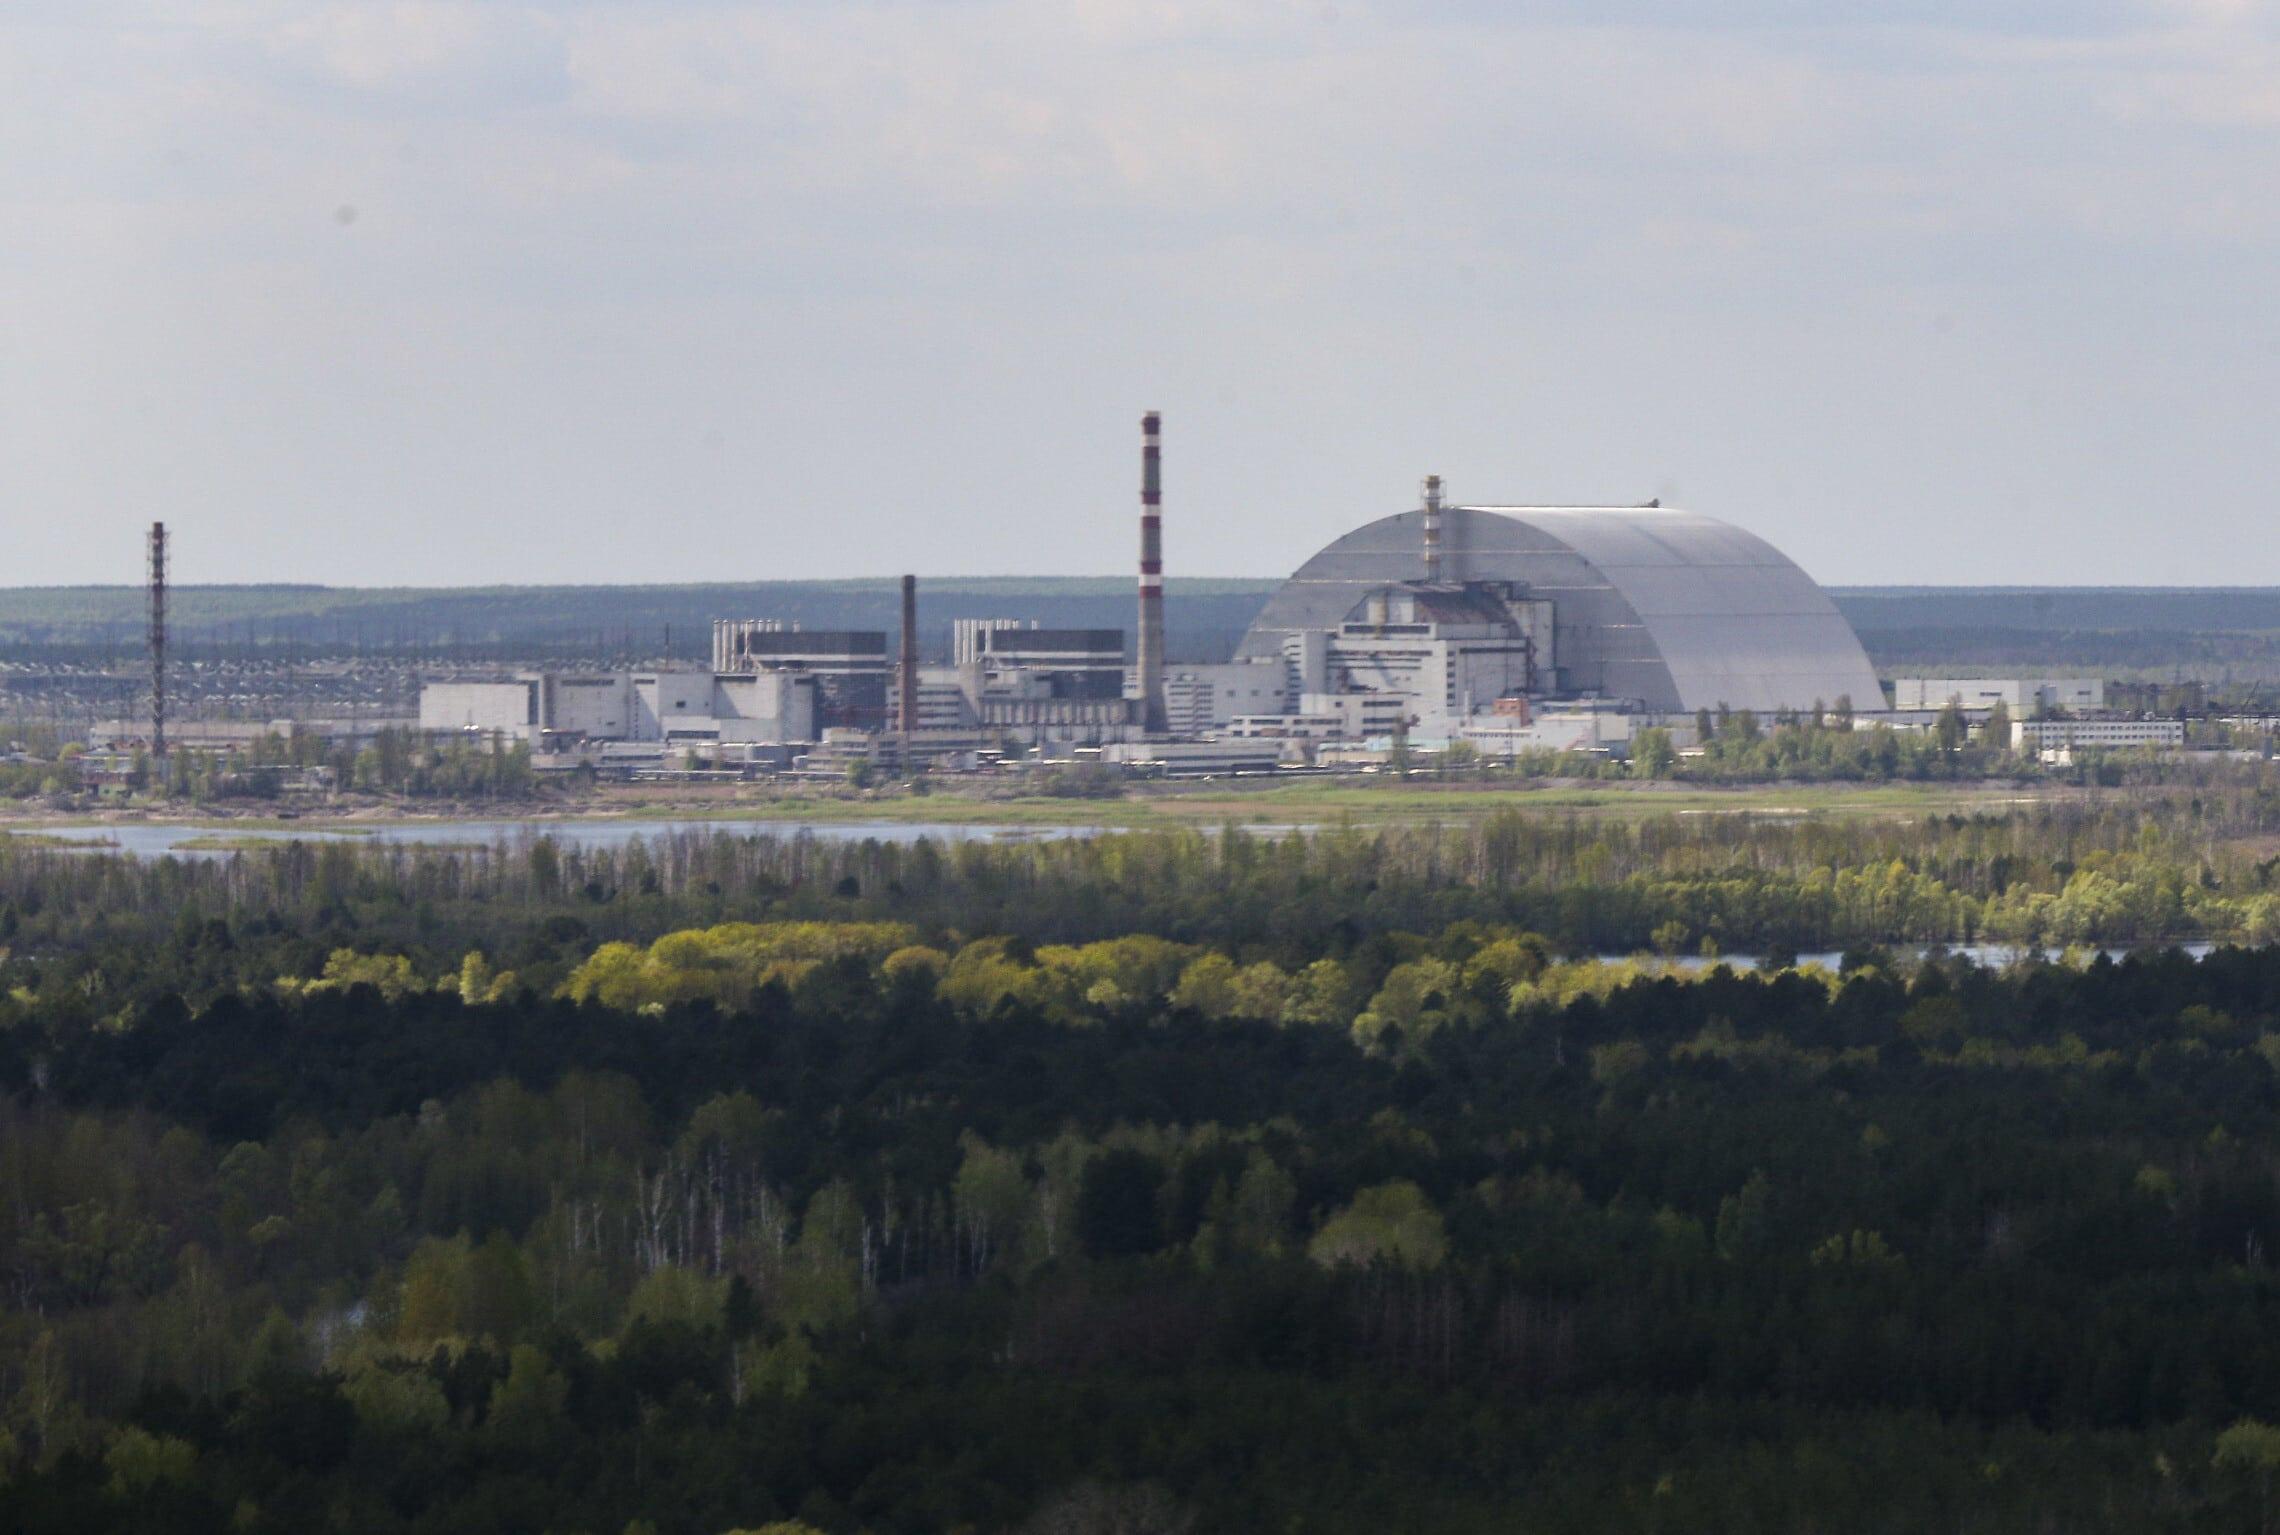 מבט אווירי על תחנת הכוח הגרעינית בצ'רנוביל, 26 באפריל 2018 (צילום: Mykhailo Markiv /Presidential Press Service Pool Photo via AP)